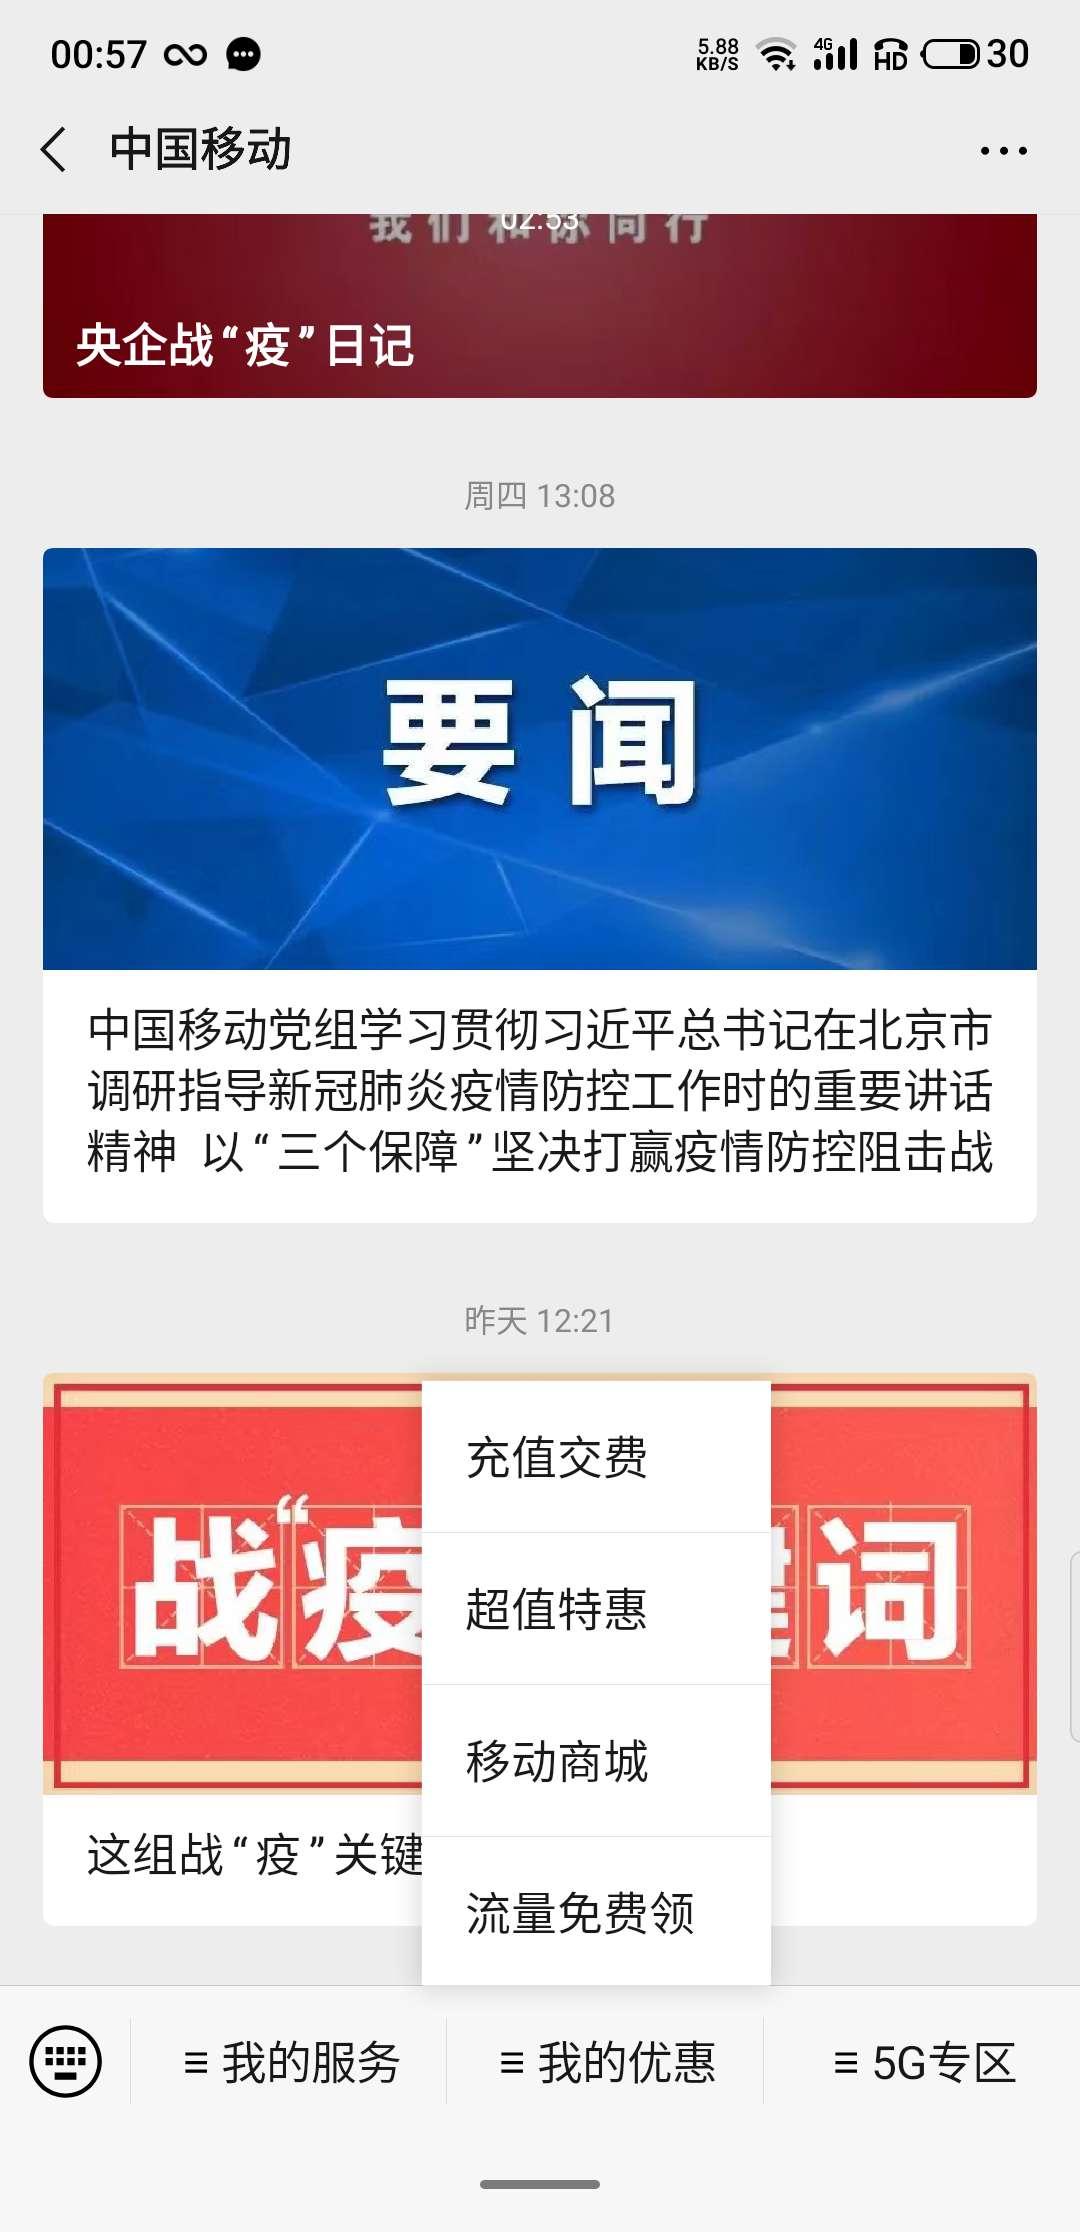 中国移动免费领流量-1G月包!-惠小助(52huixz.com)